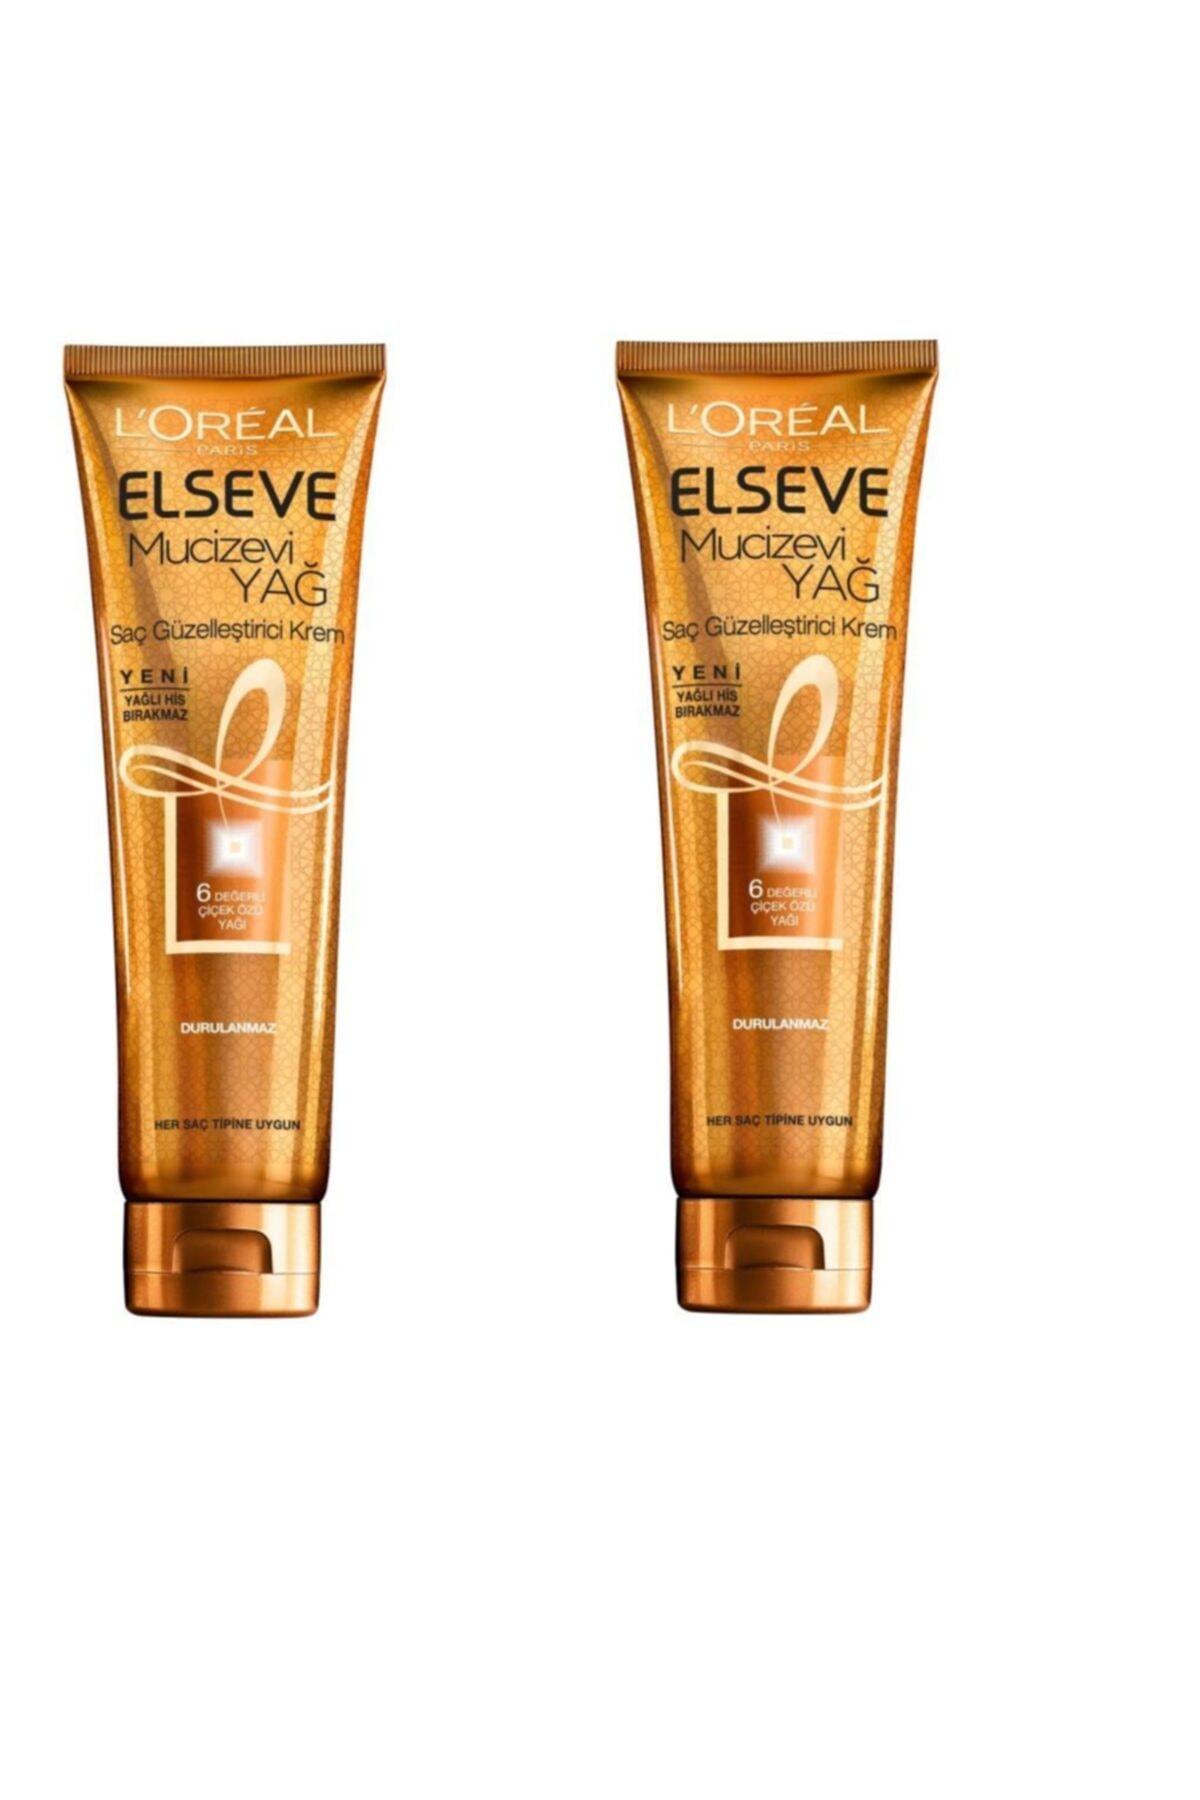 ELSEVE Loreal Mucizevi Yağ Saç Güzelleştirici Krem Tüm Saç 150 ml x 2 Adet 3600523036342 1